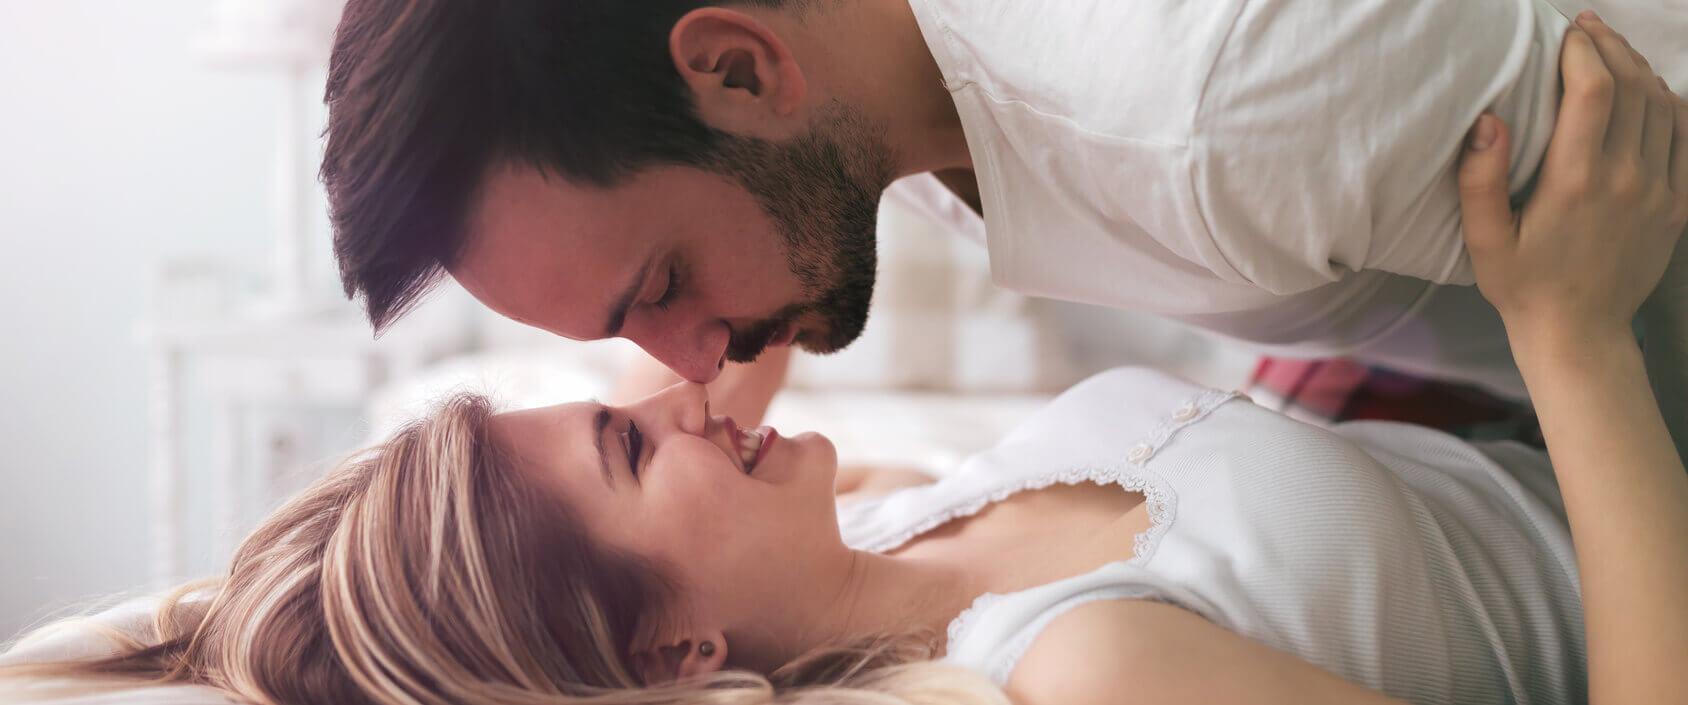 cum să obțineți o erecție rapidă